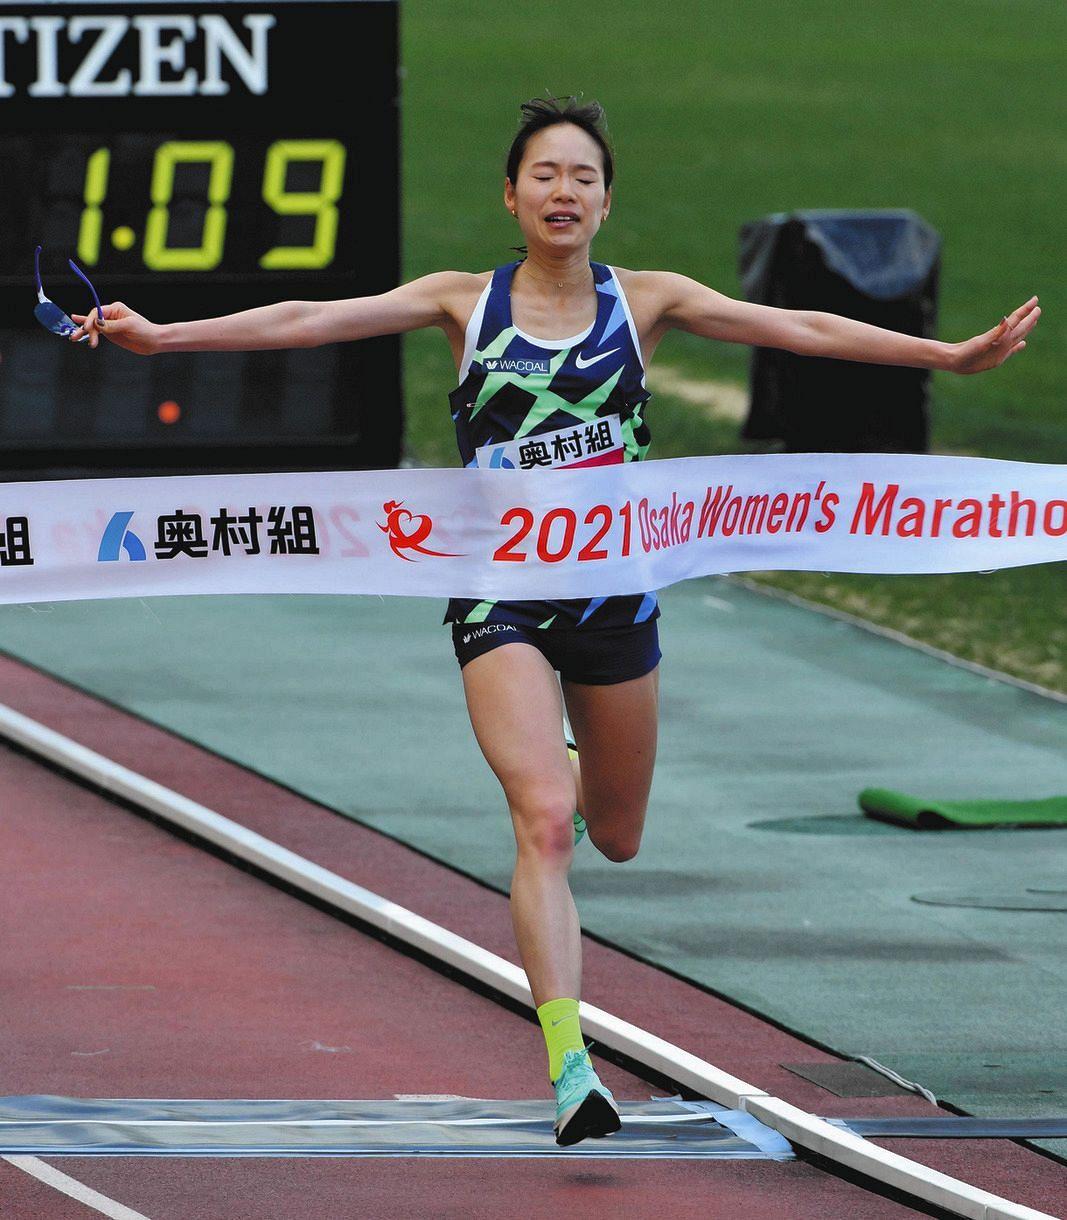 女子 2021 国際 大阪 結果 マラソン